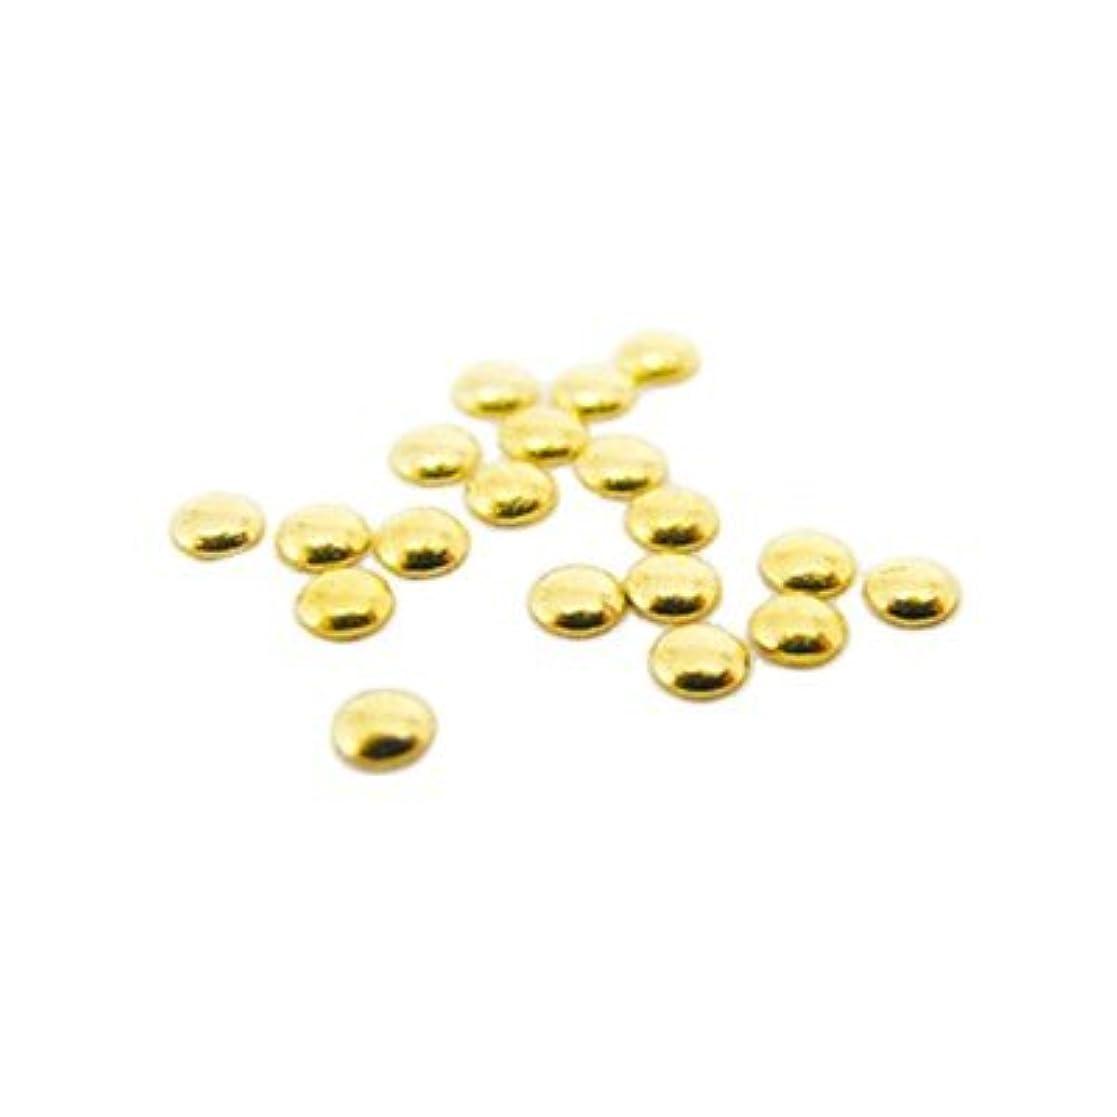 船員レンド思想ピアドラ スタッズ 1.0mm 500P ゴールド